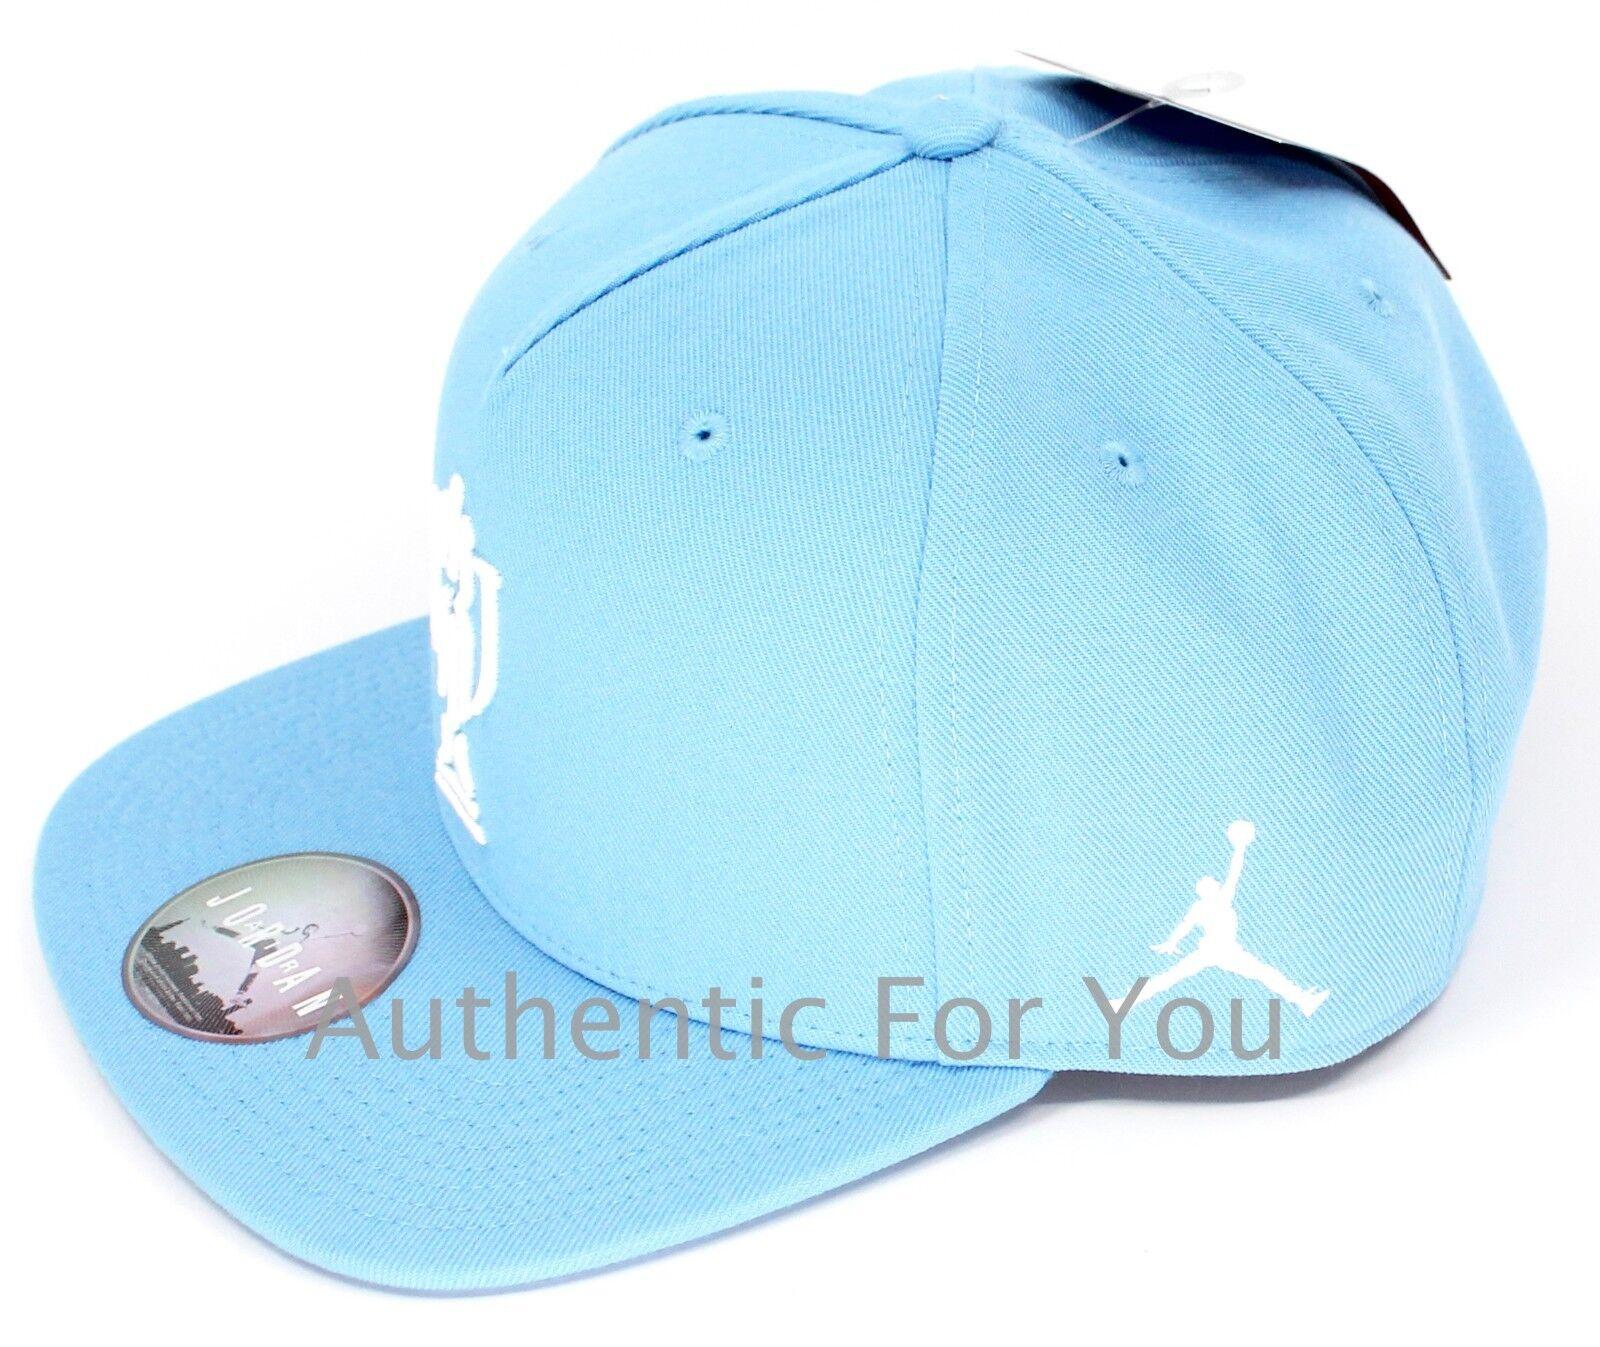 Buy Nike Air Jordan Trophy Room Blue and White Snapback Hat Xx3 23 ... a62cf9ee689